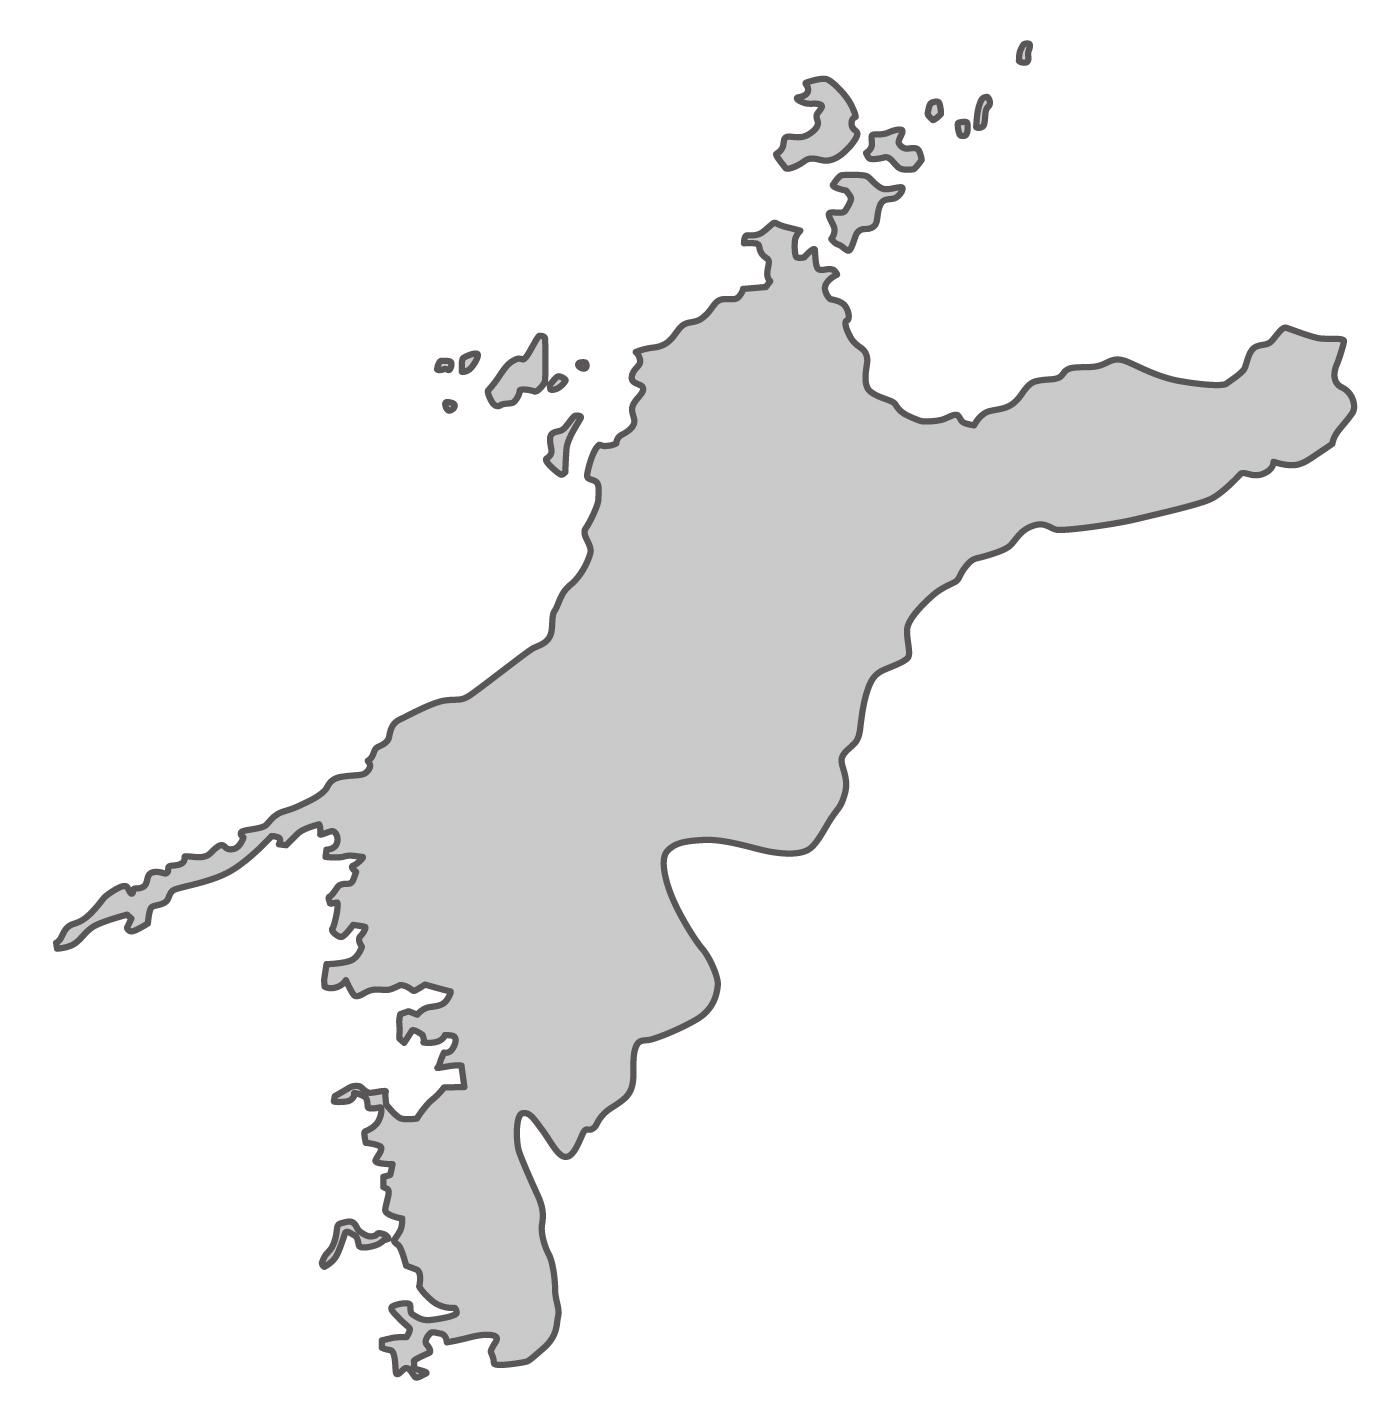 愛媛県無料フリーイラスト|文字なし(グレー)